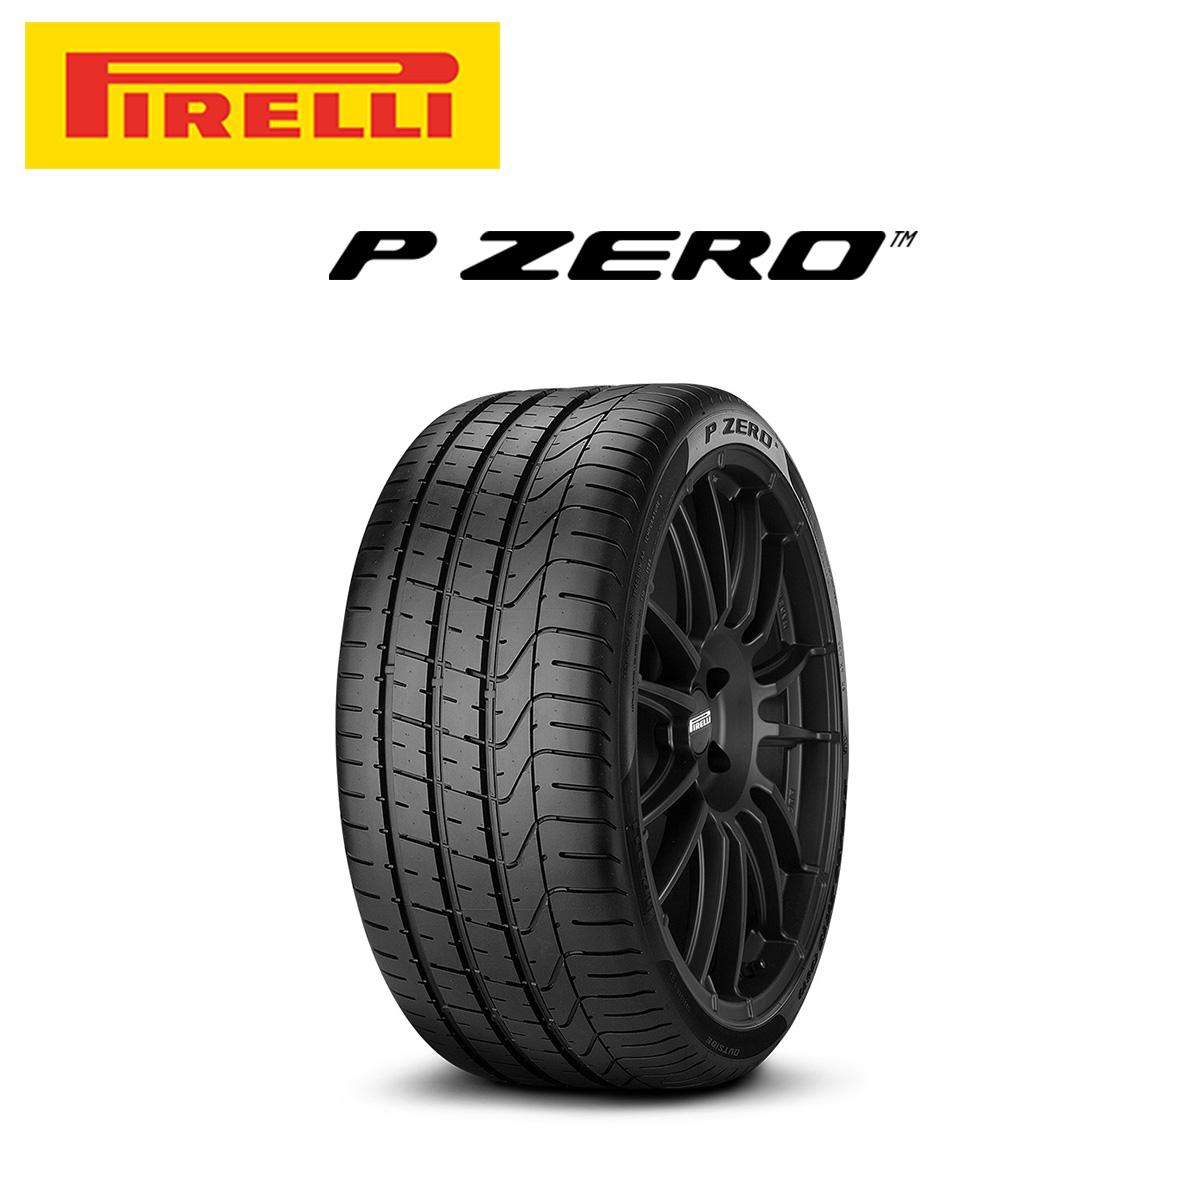 ピレリ PIRELLI P ZERO ピーゼロ 18インチ サマー タイヤ 4本 セット 285/35R18 97Y r-f MOE:メルセデスベンツ承認タイヤ 2051400